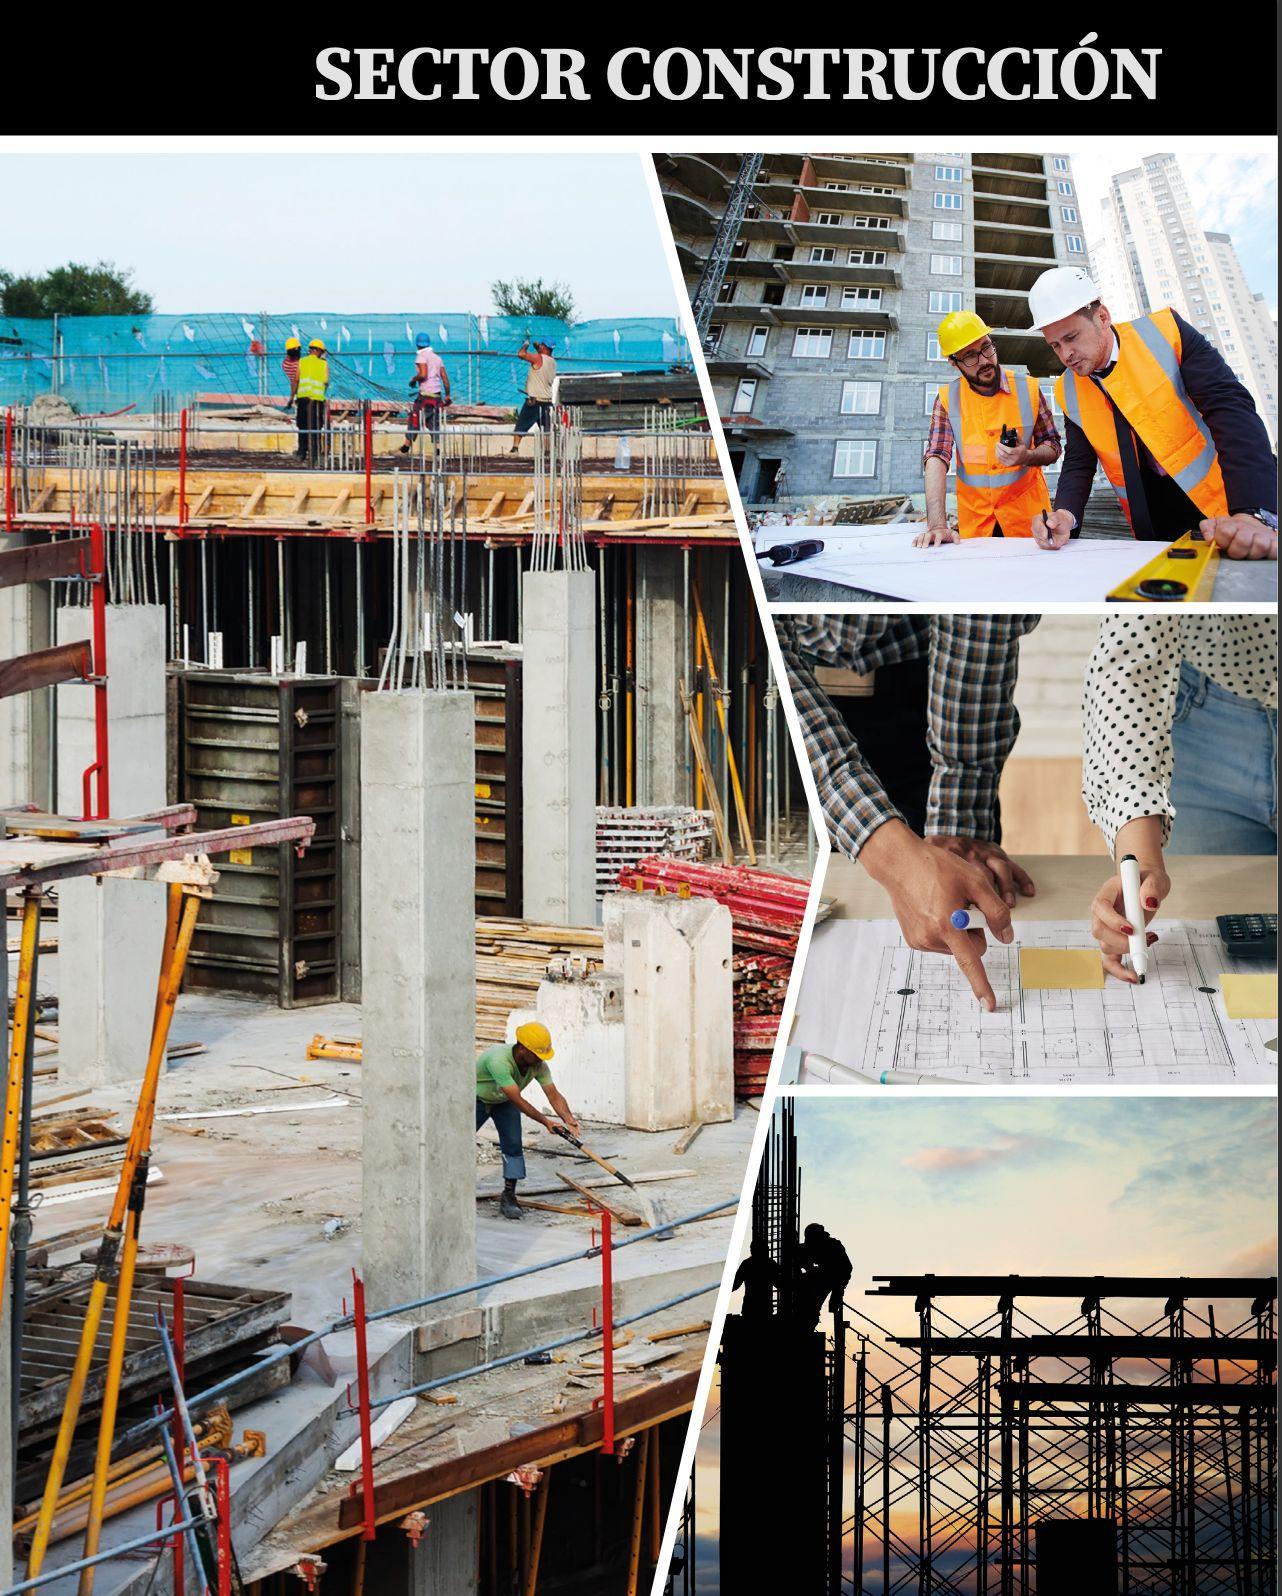 """<p><span style=""""font-size: 18pt;""""><strong>En República Dominicana: El sector construcción es determinante en la recuperación económica.</strong></span></p> <p></p>"""